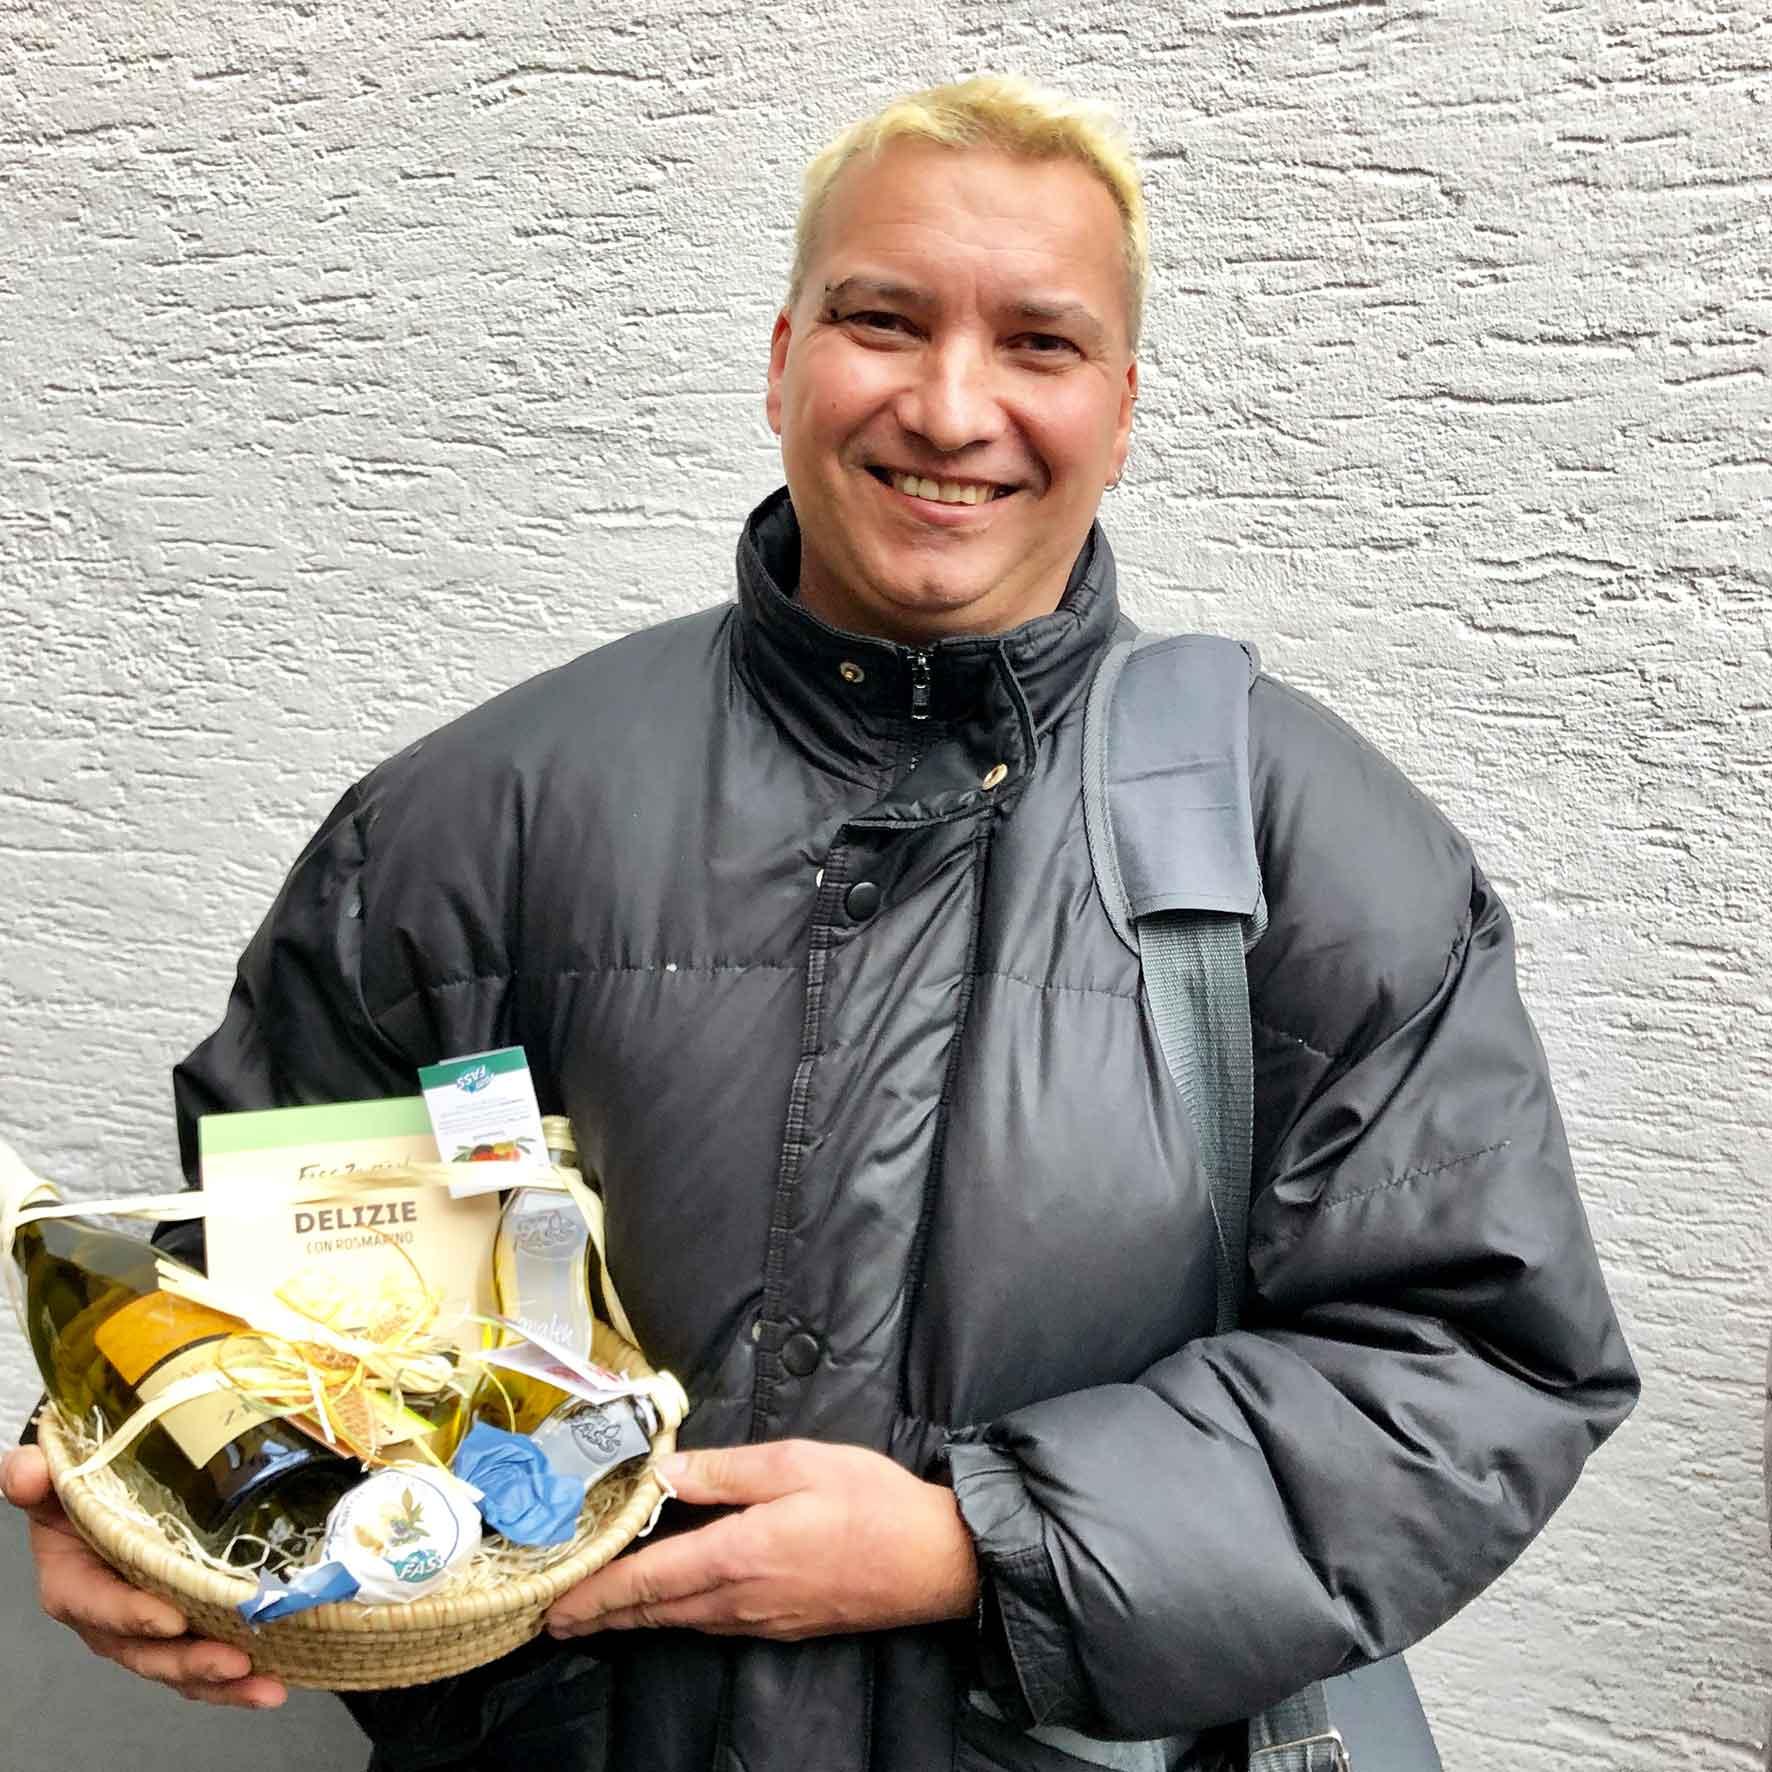 Zufriedene Immobilieneigentümer in Köln Immobilienmakler Köln nach erfolgreichem Notartermin mit überreichtem Geschenkekorb